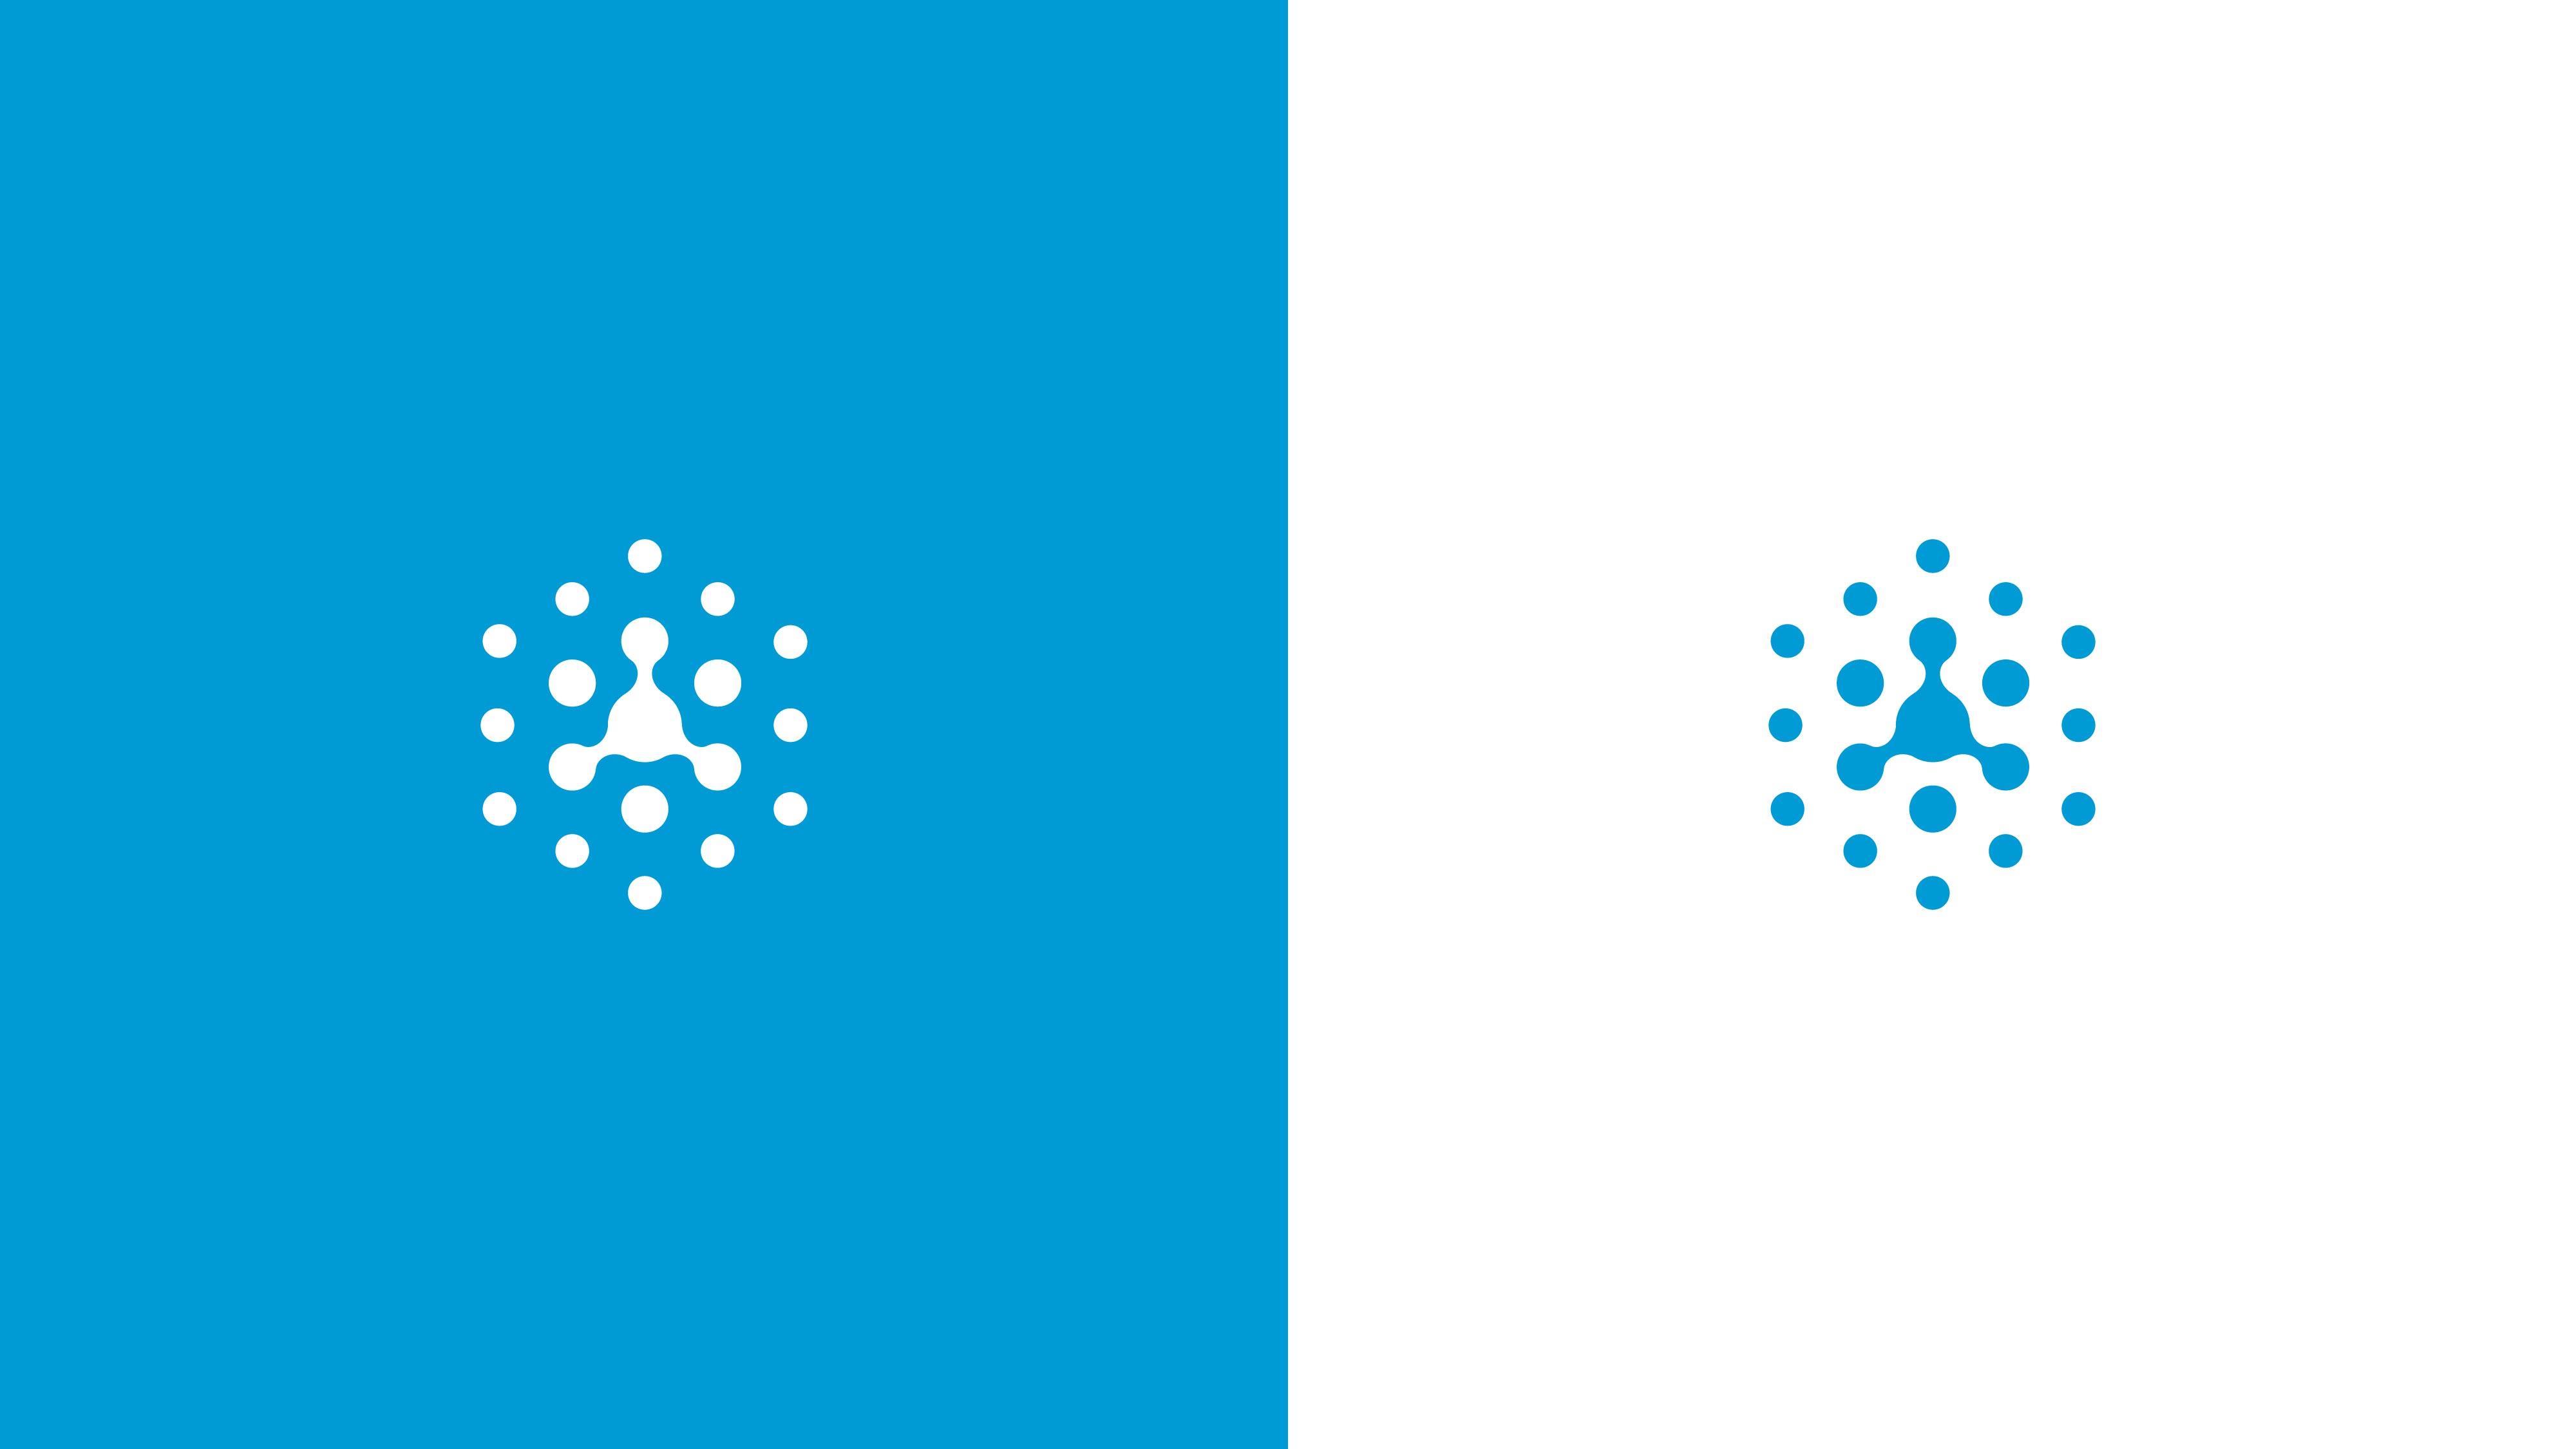 Логотип / иконка сервиса управления проектами / задачами фото f_118597722a3b82d7.jpg